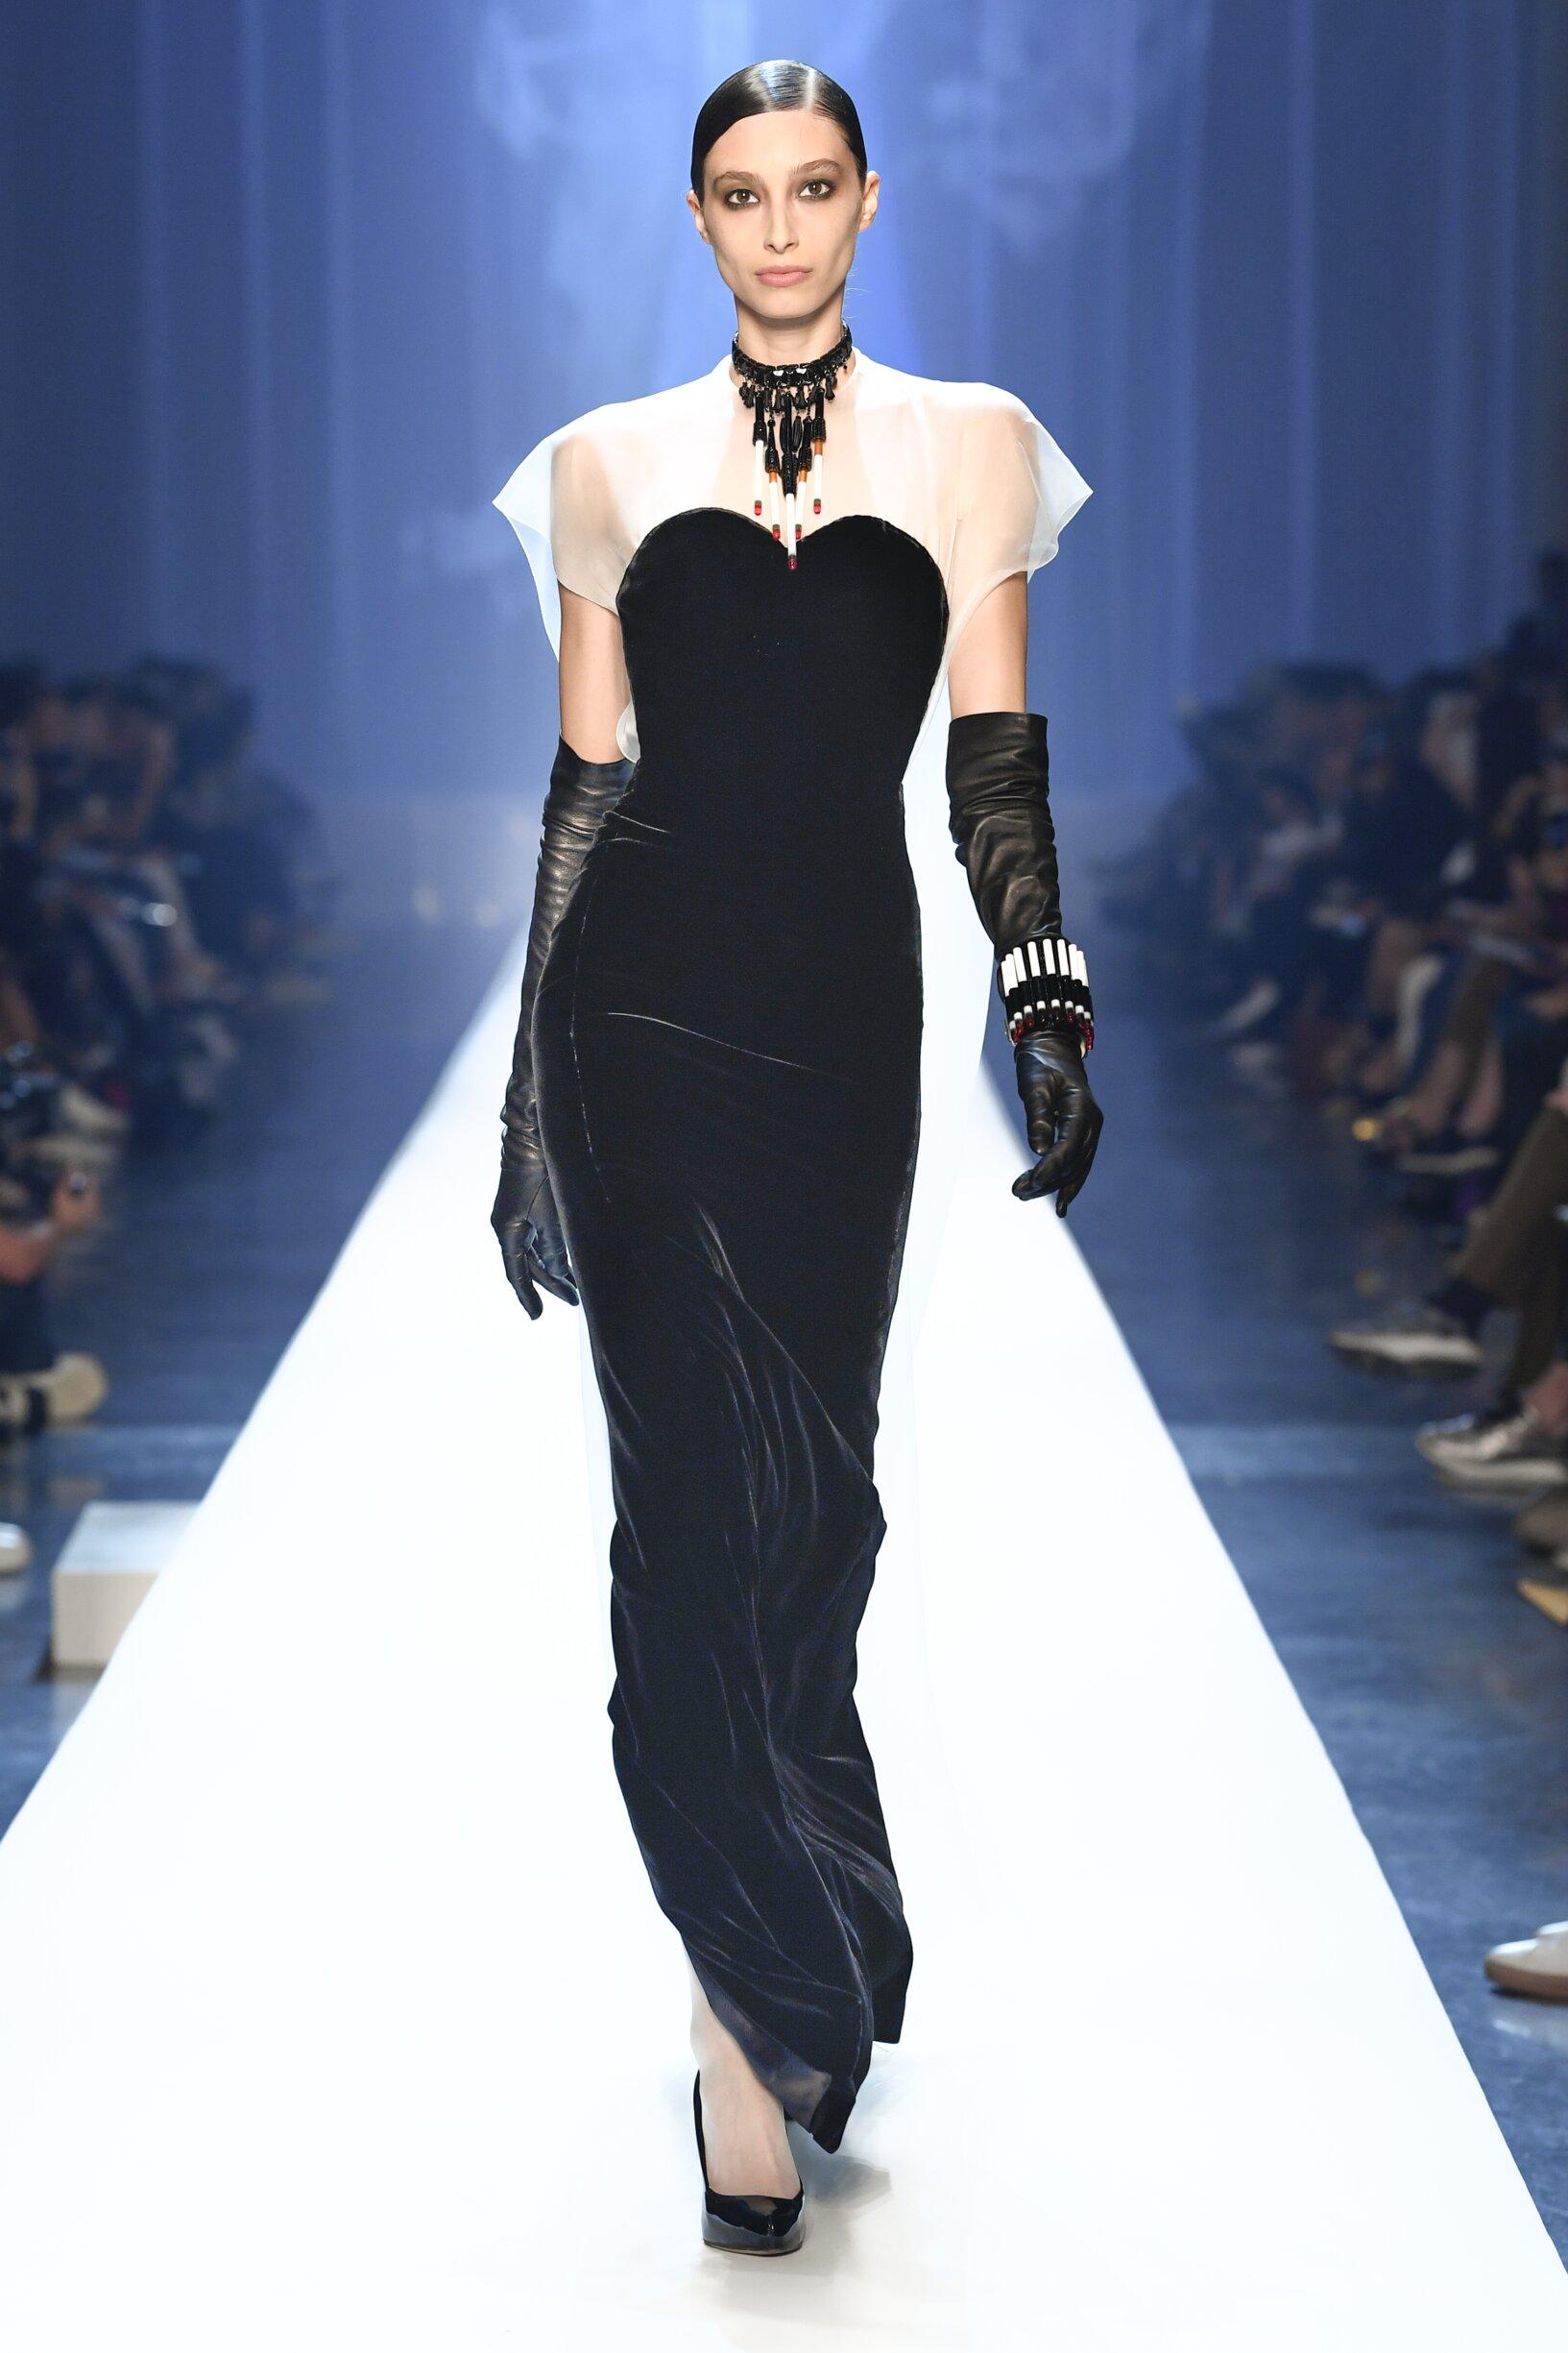 FW 2018 Jean-Paul Gaultier Haute Couture Show Paris Fashion Week